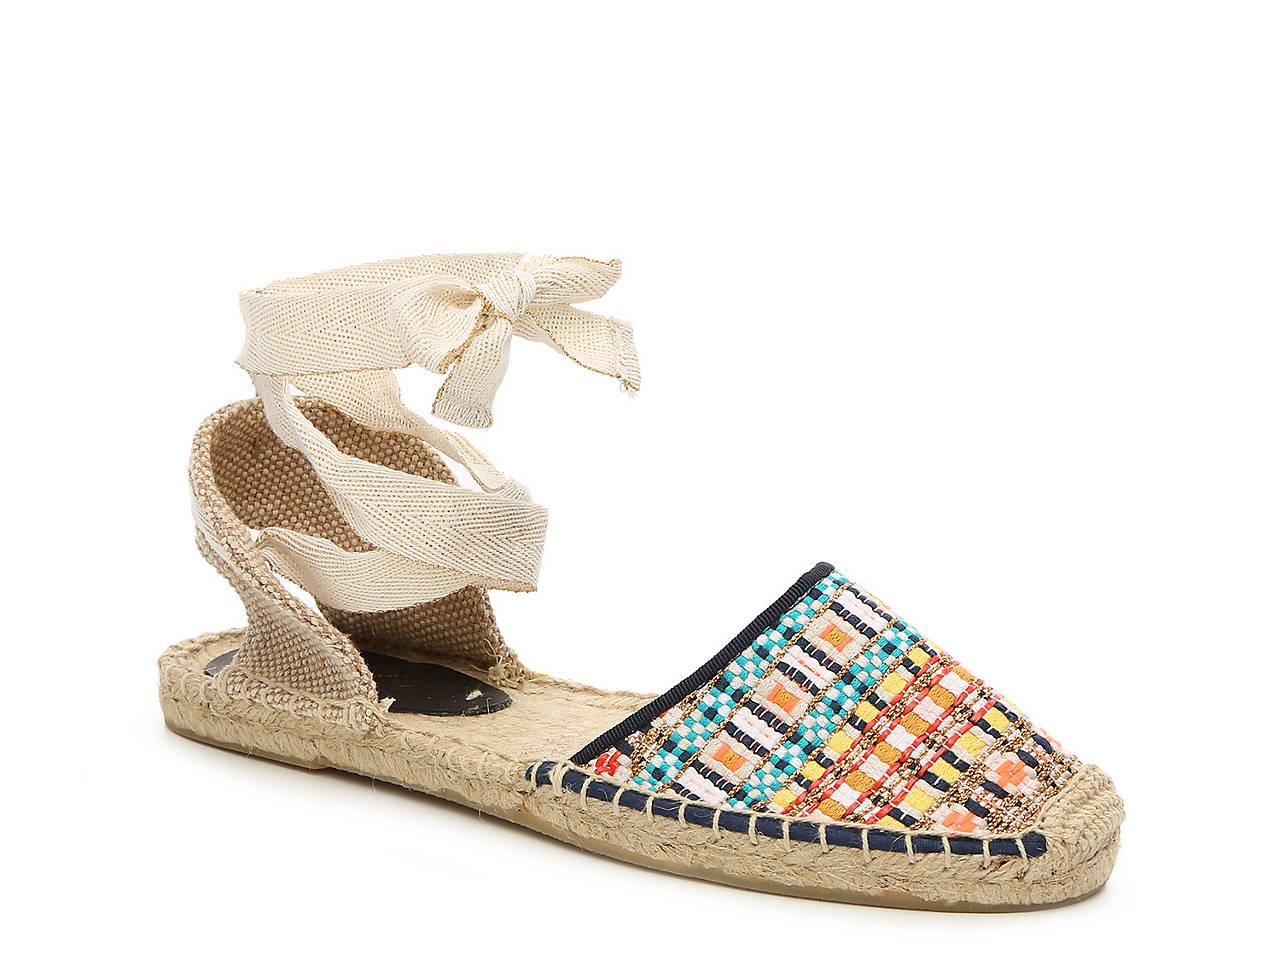 05b002d3d05 Soludos Classic Woven Sandal Men s Shoes